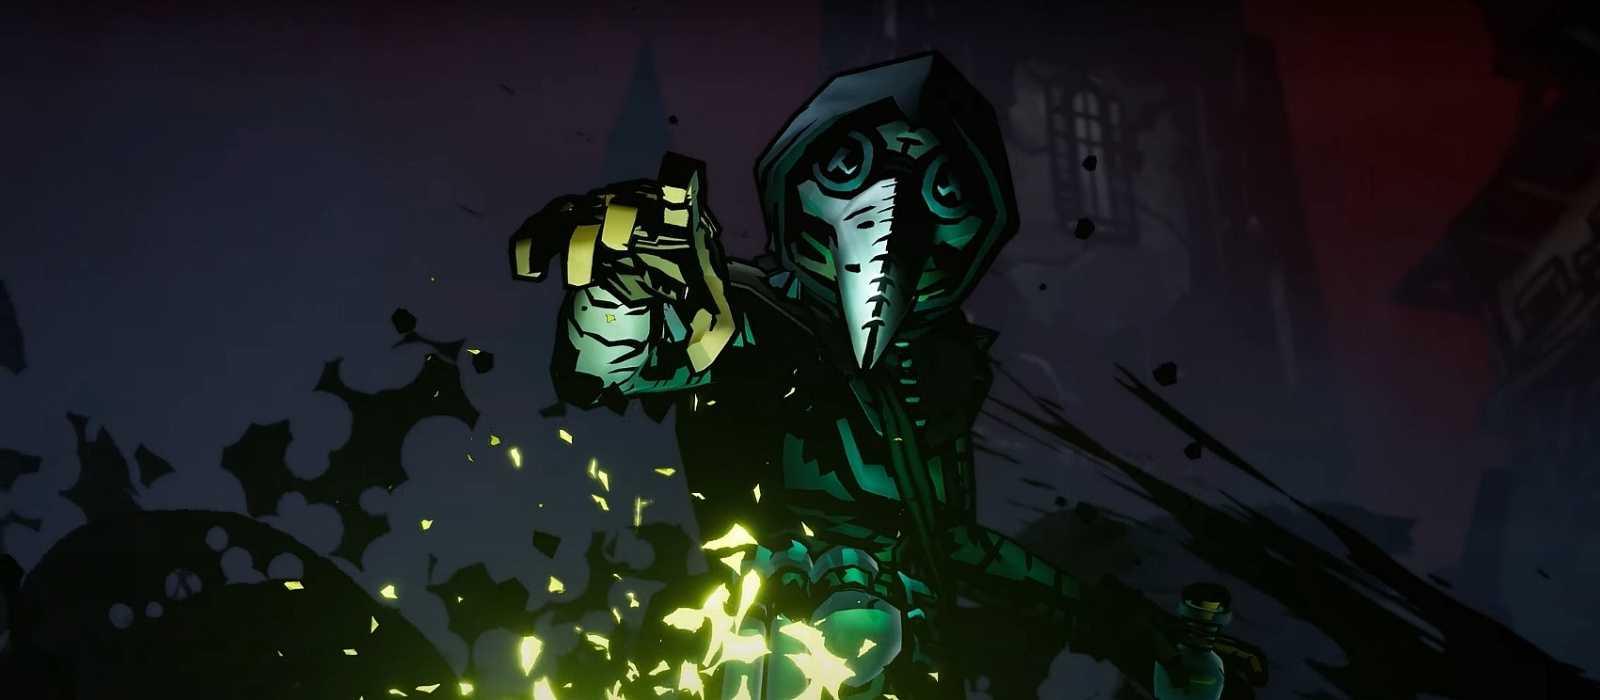 Darkest Dungeon 2's Dark Roguelike ist ein exklusiver exklusiver Epic Games Store - Teaser